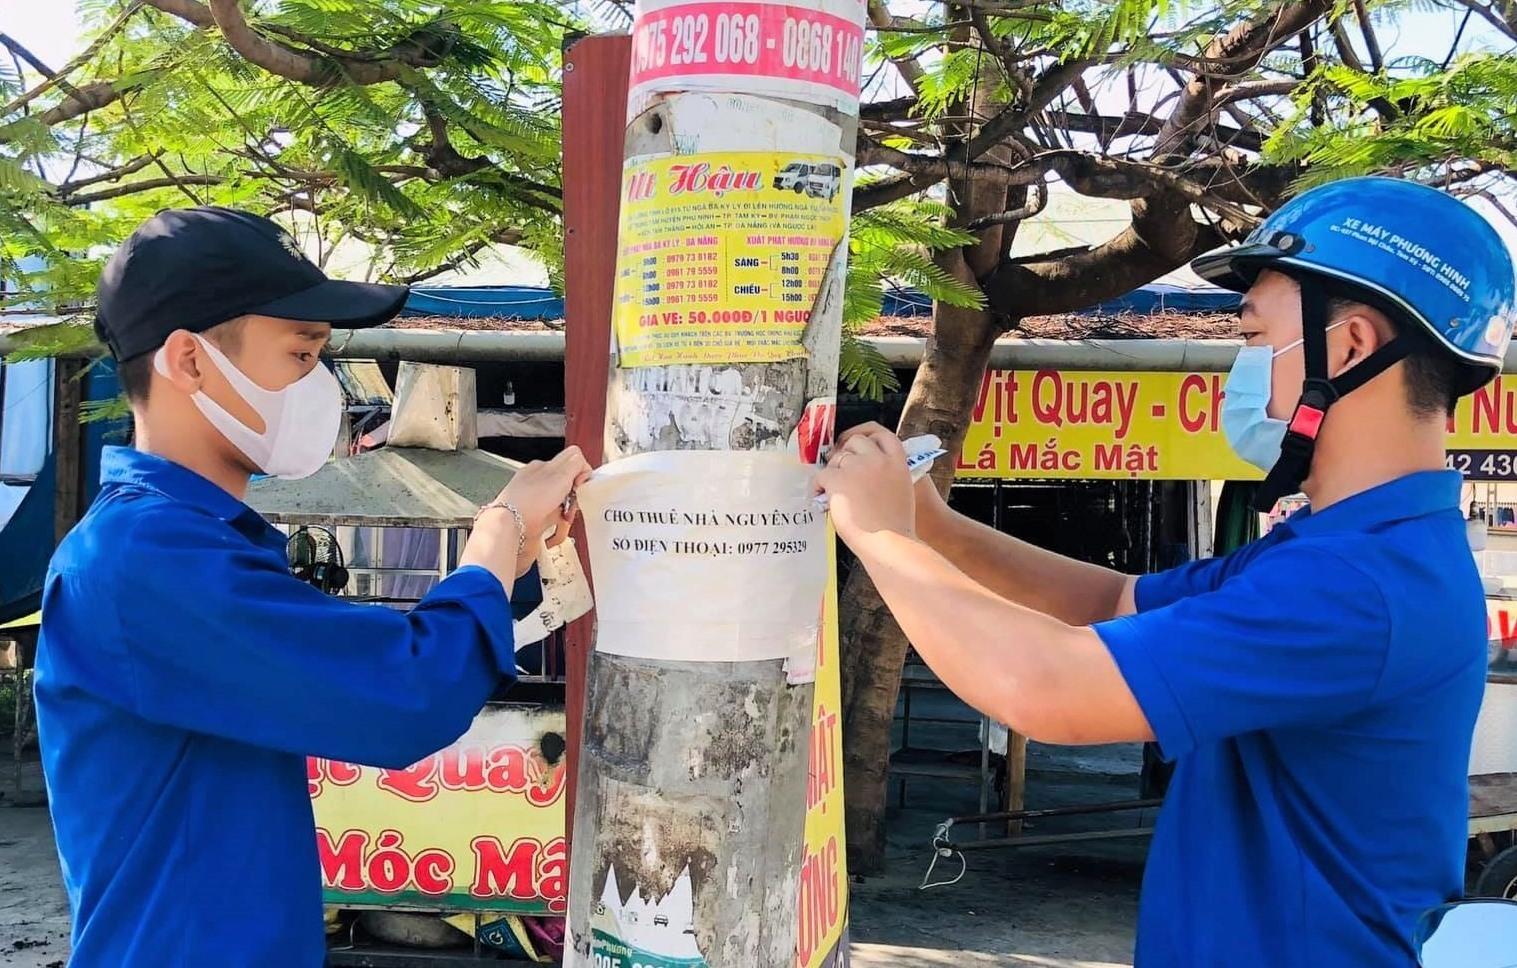 Tuổi trẻ thị trấn Phú Thịnh (Phú Ninh) bóc dỡ quảng cáo sai quy định. Ảnh: CTV